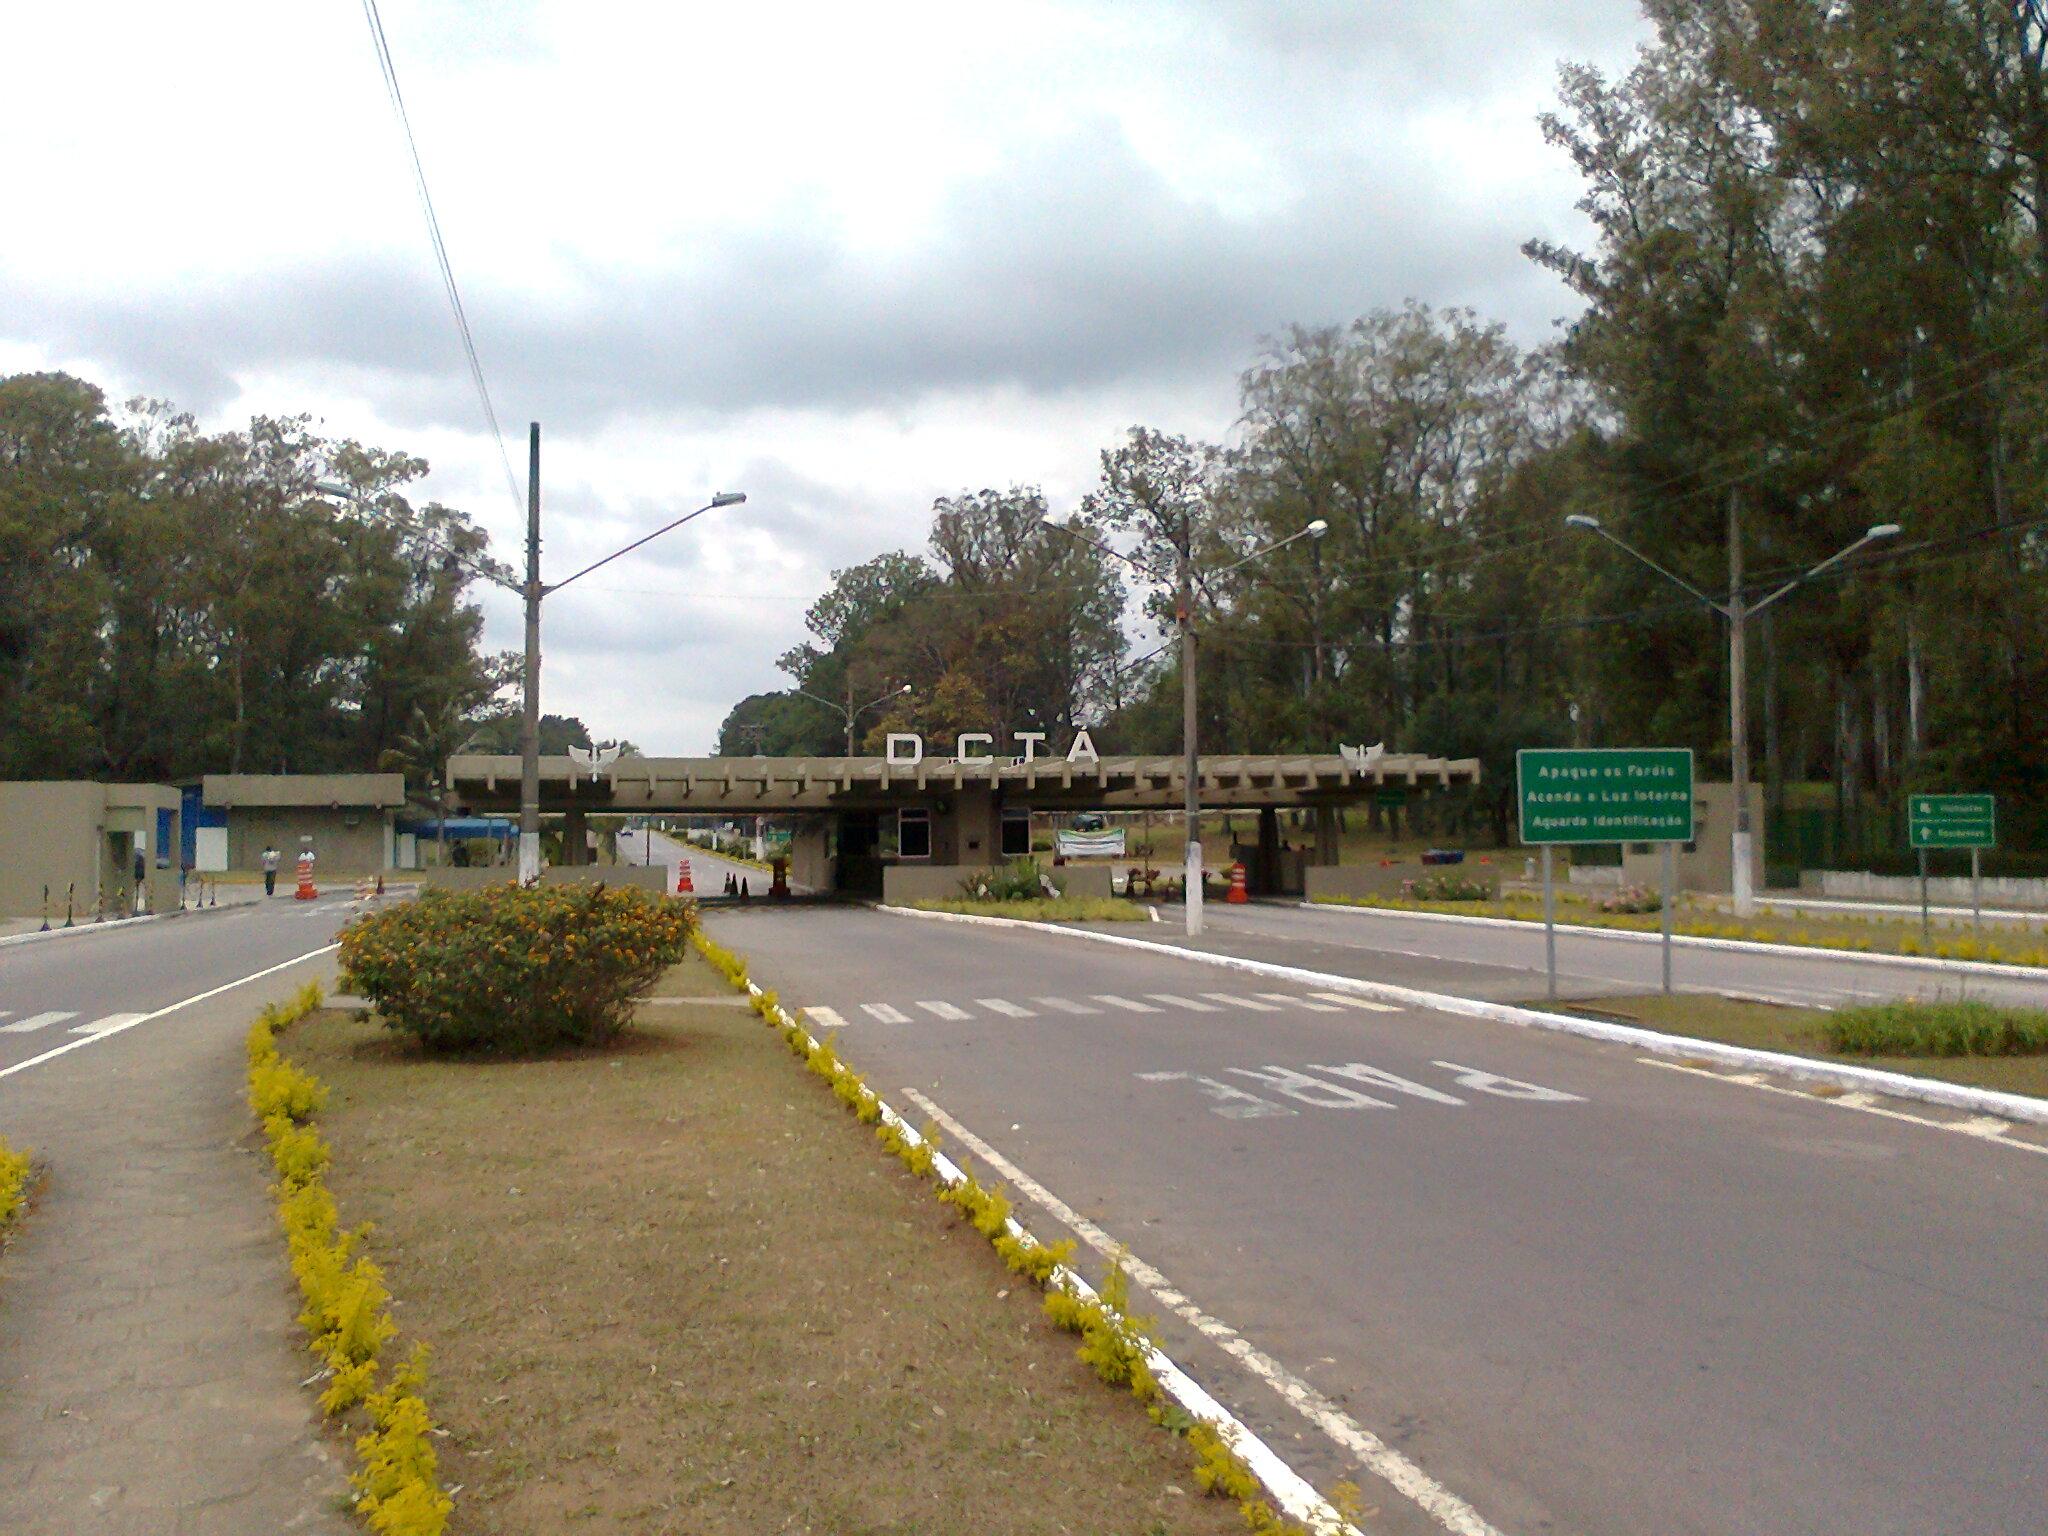 FileEntrada do DCTA  São José dos Campos  Brasiljpg  Wikimedia Commons -> Gabinete De Banheiro Sao Jose Dos Campos